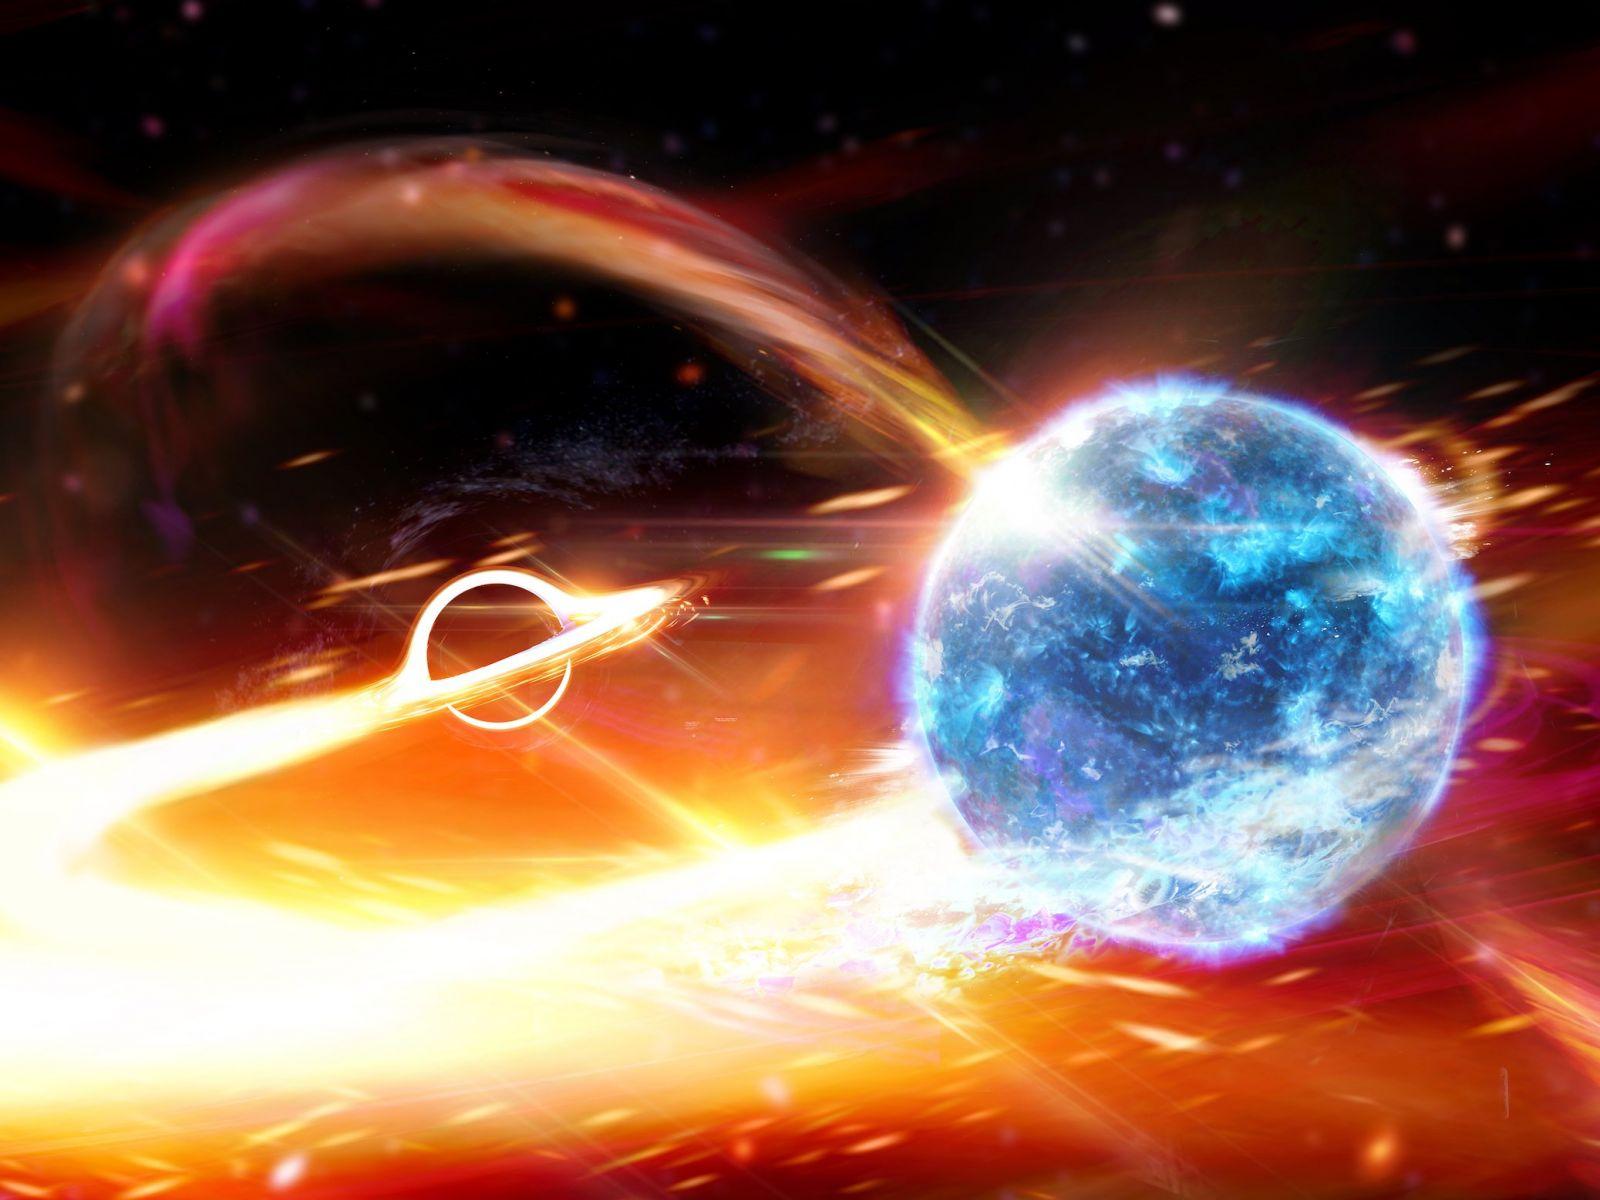 В Большой Медведице черная дыра, возможно, поглотила нейтронную звезду